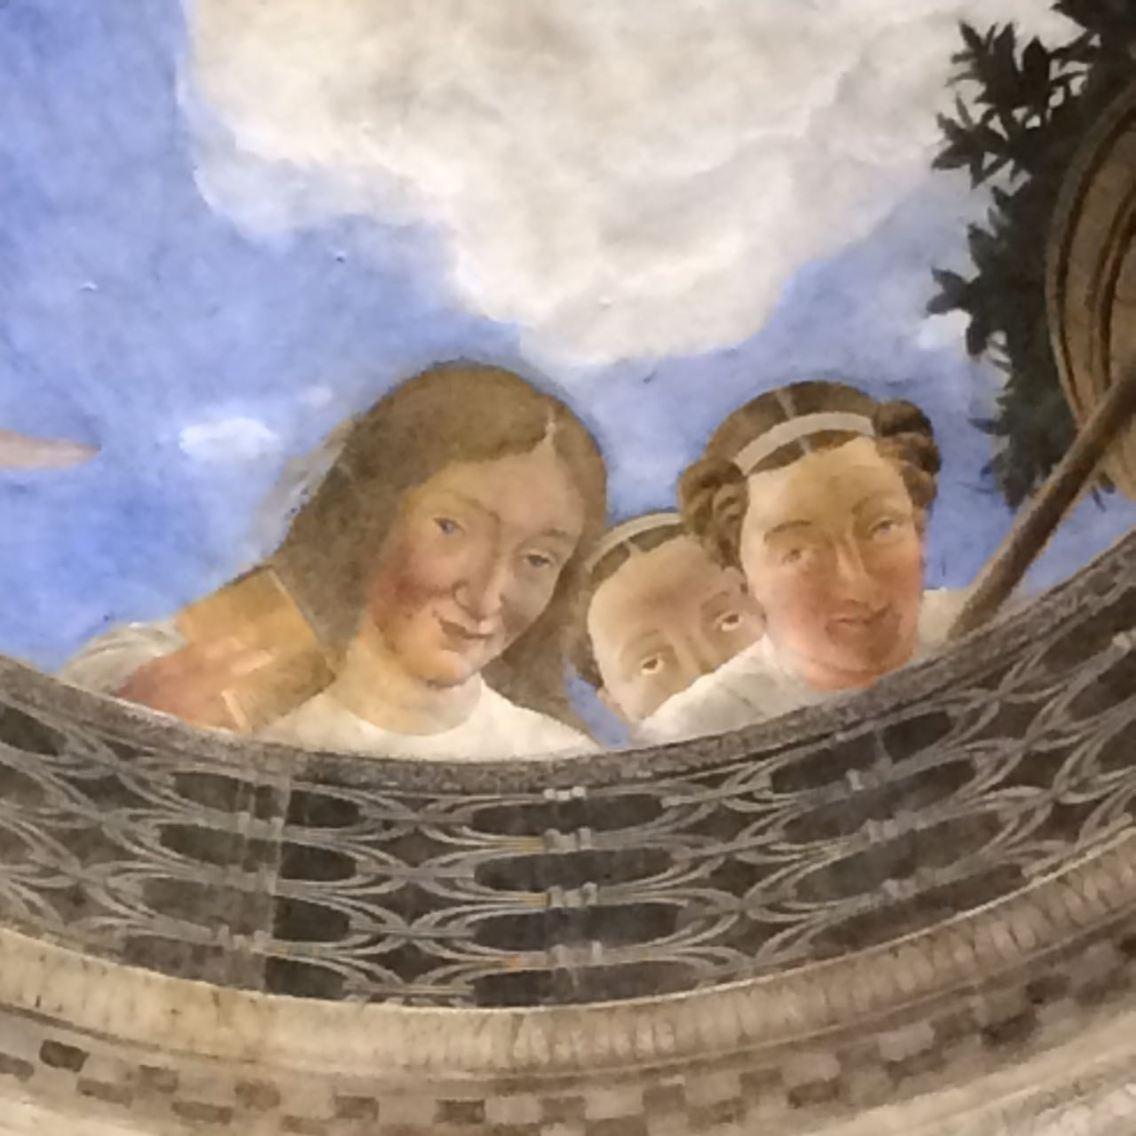 Mantova La camera Degli Sposi Mantegana Giorgio Bertozzi Neoartgallery - 8